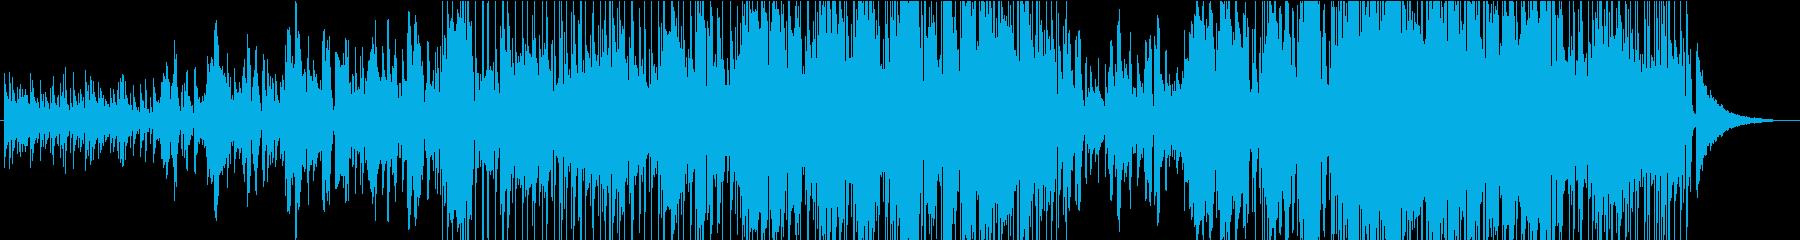 飛行場の再生済みの波形